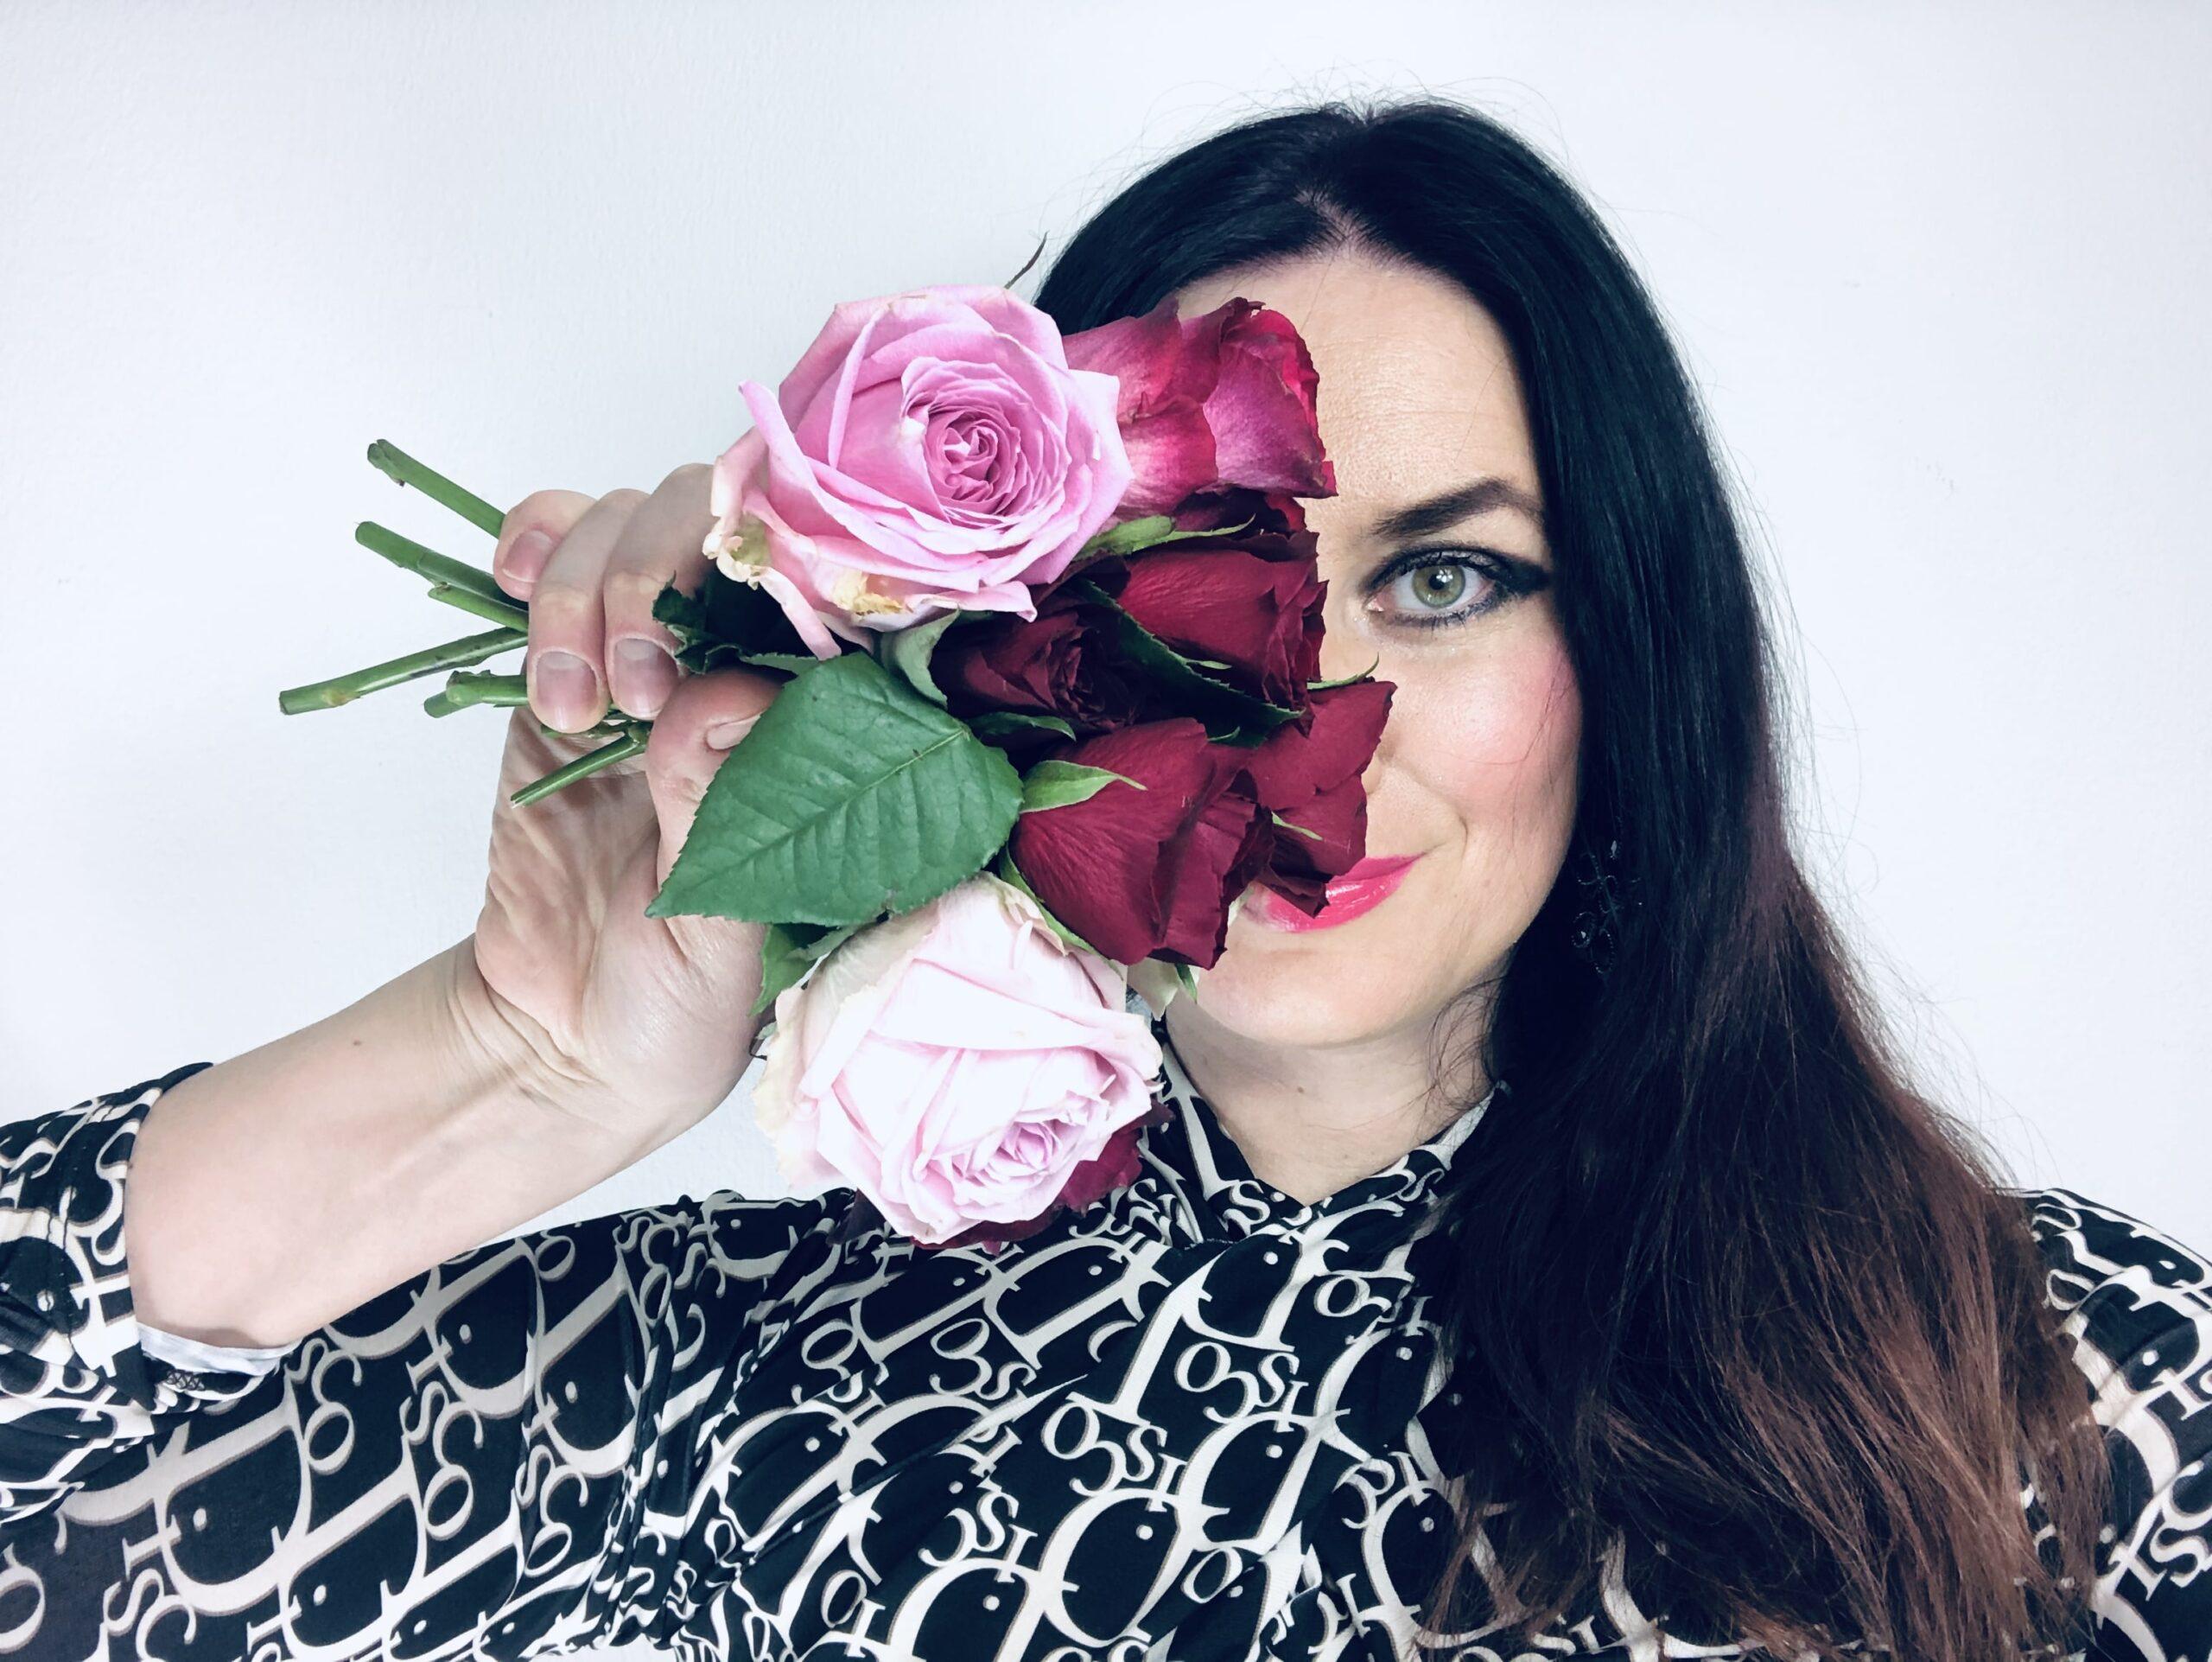 rose petals recipes